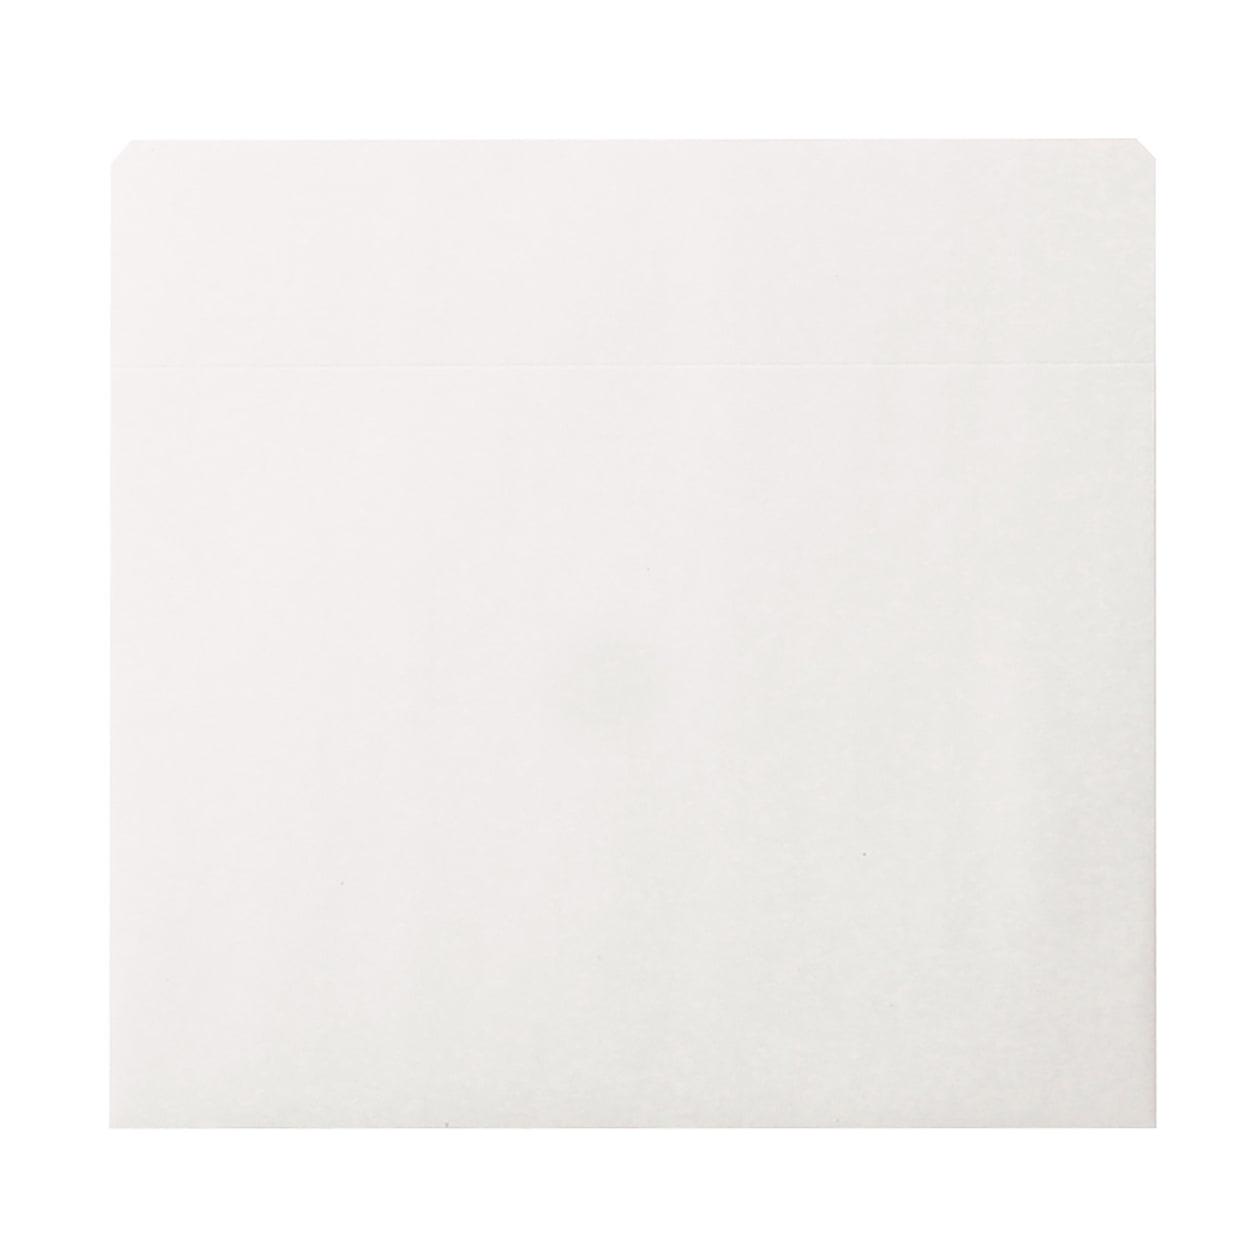 角2外カマス封筒 ボード紙 ホワイト 260g